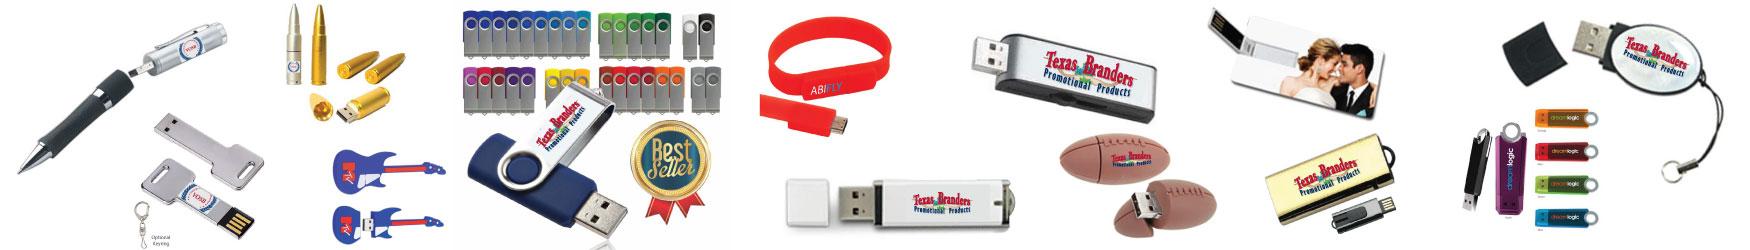 usb drives, flash drives, memory sticks, portable memory, 2gb, 8gb, 16gb, 32gb